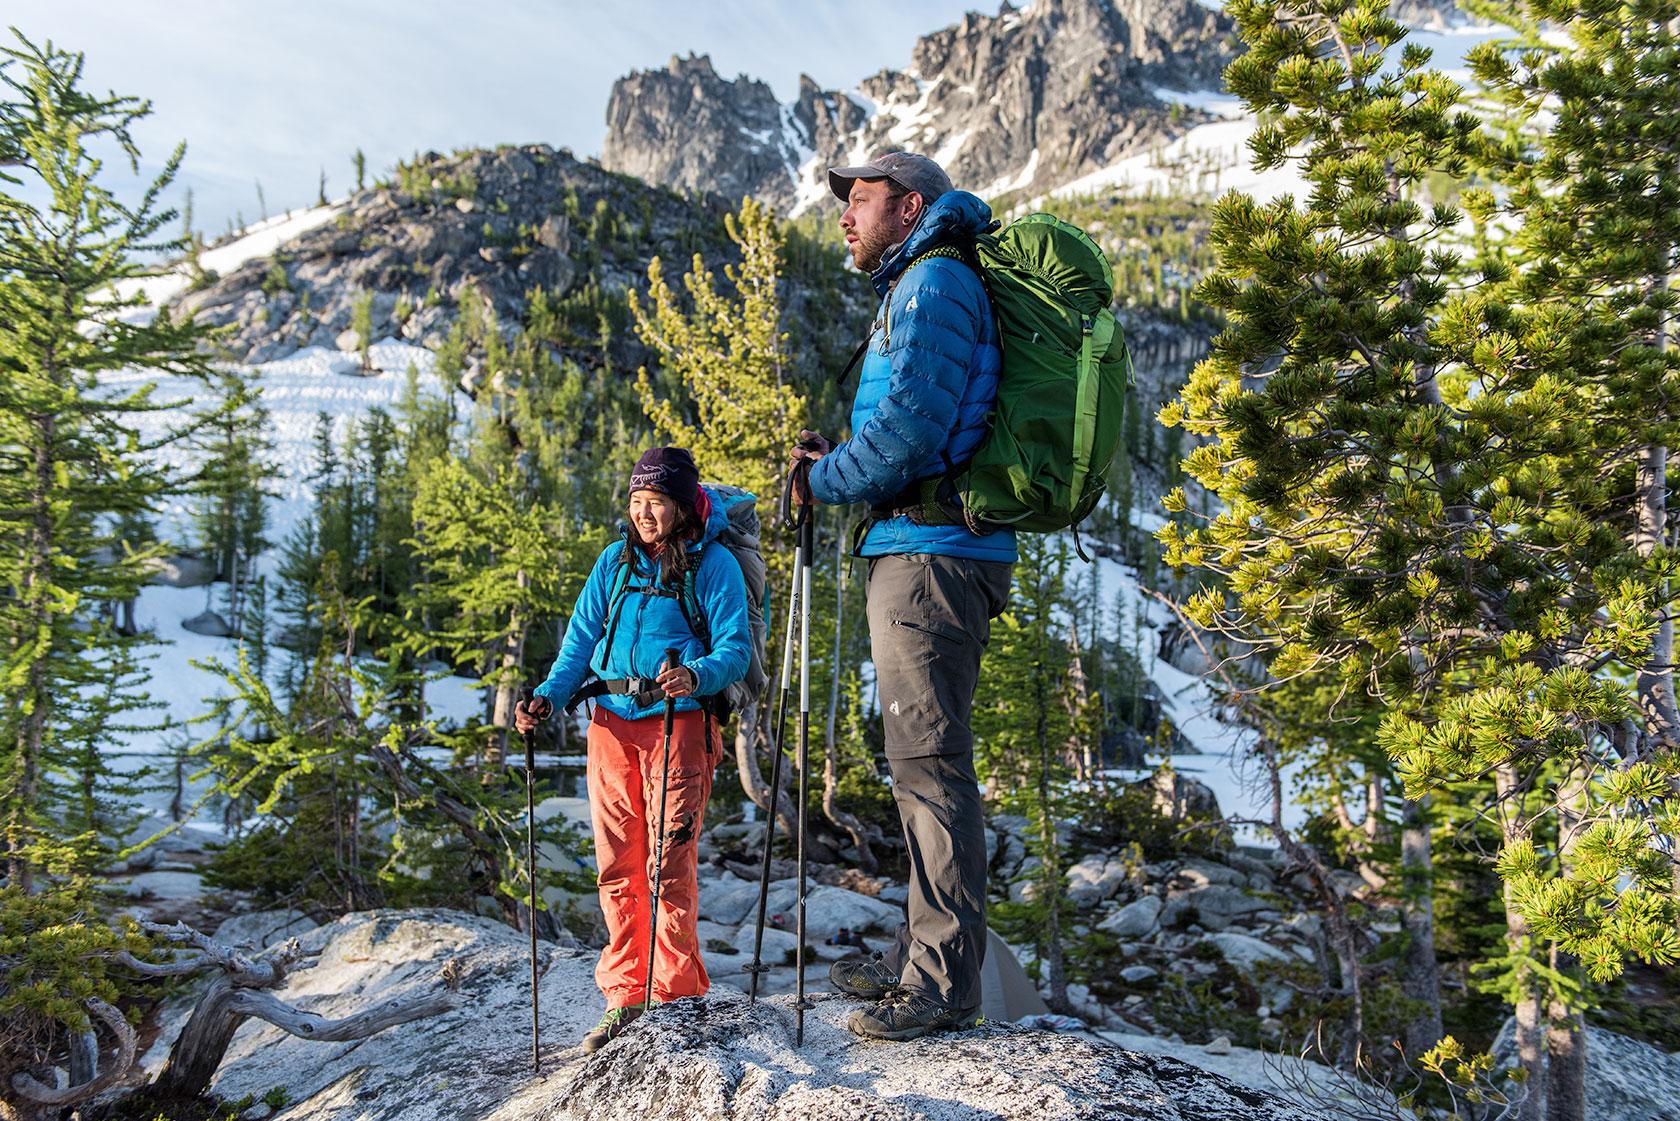 austin-trigg-osprey-hiking-backpacks-hike-camp-washington-adventure-morning-sunrise-lifestyle-outdoor-enchantments-product-travel.jpg